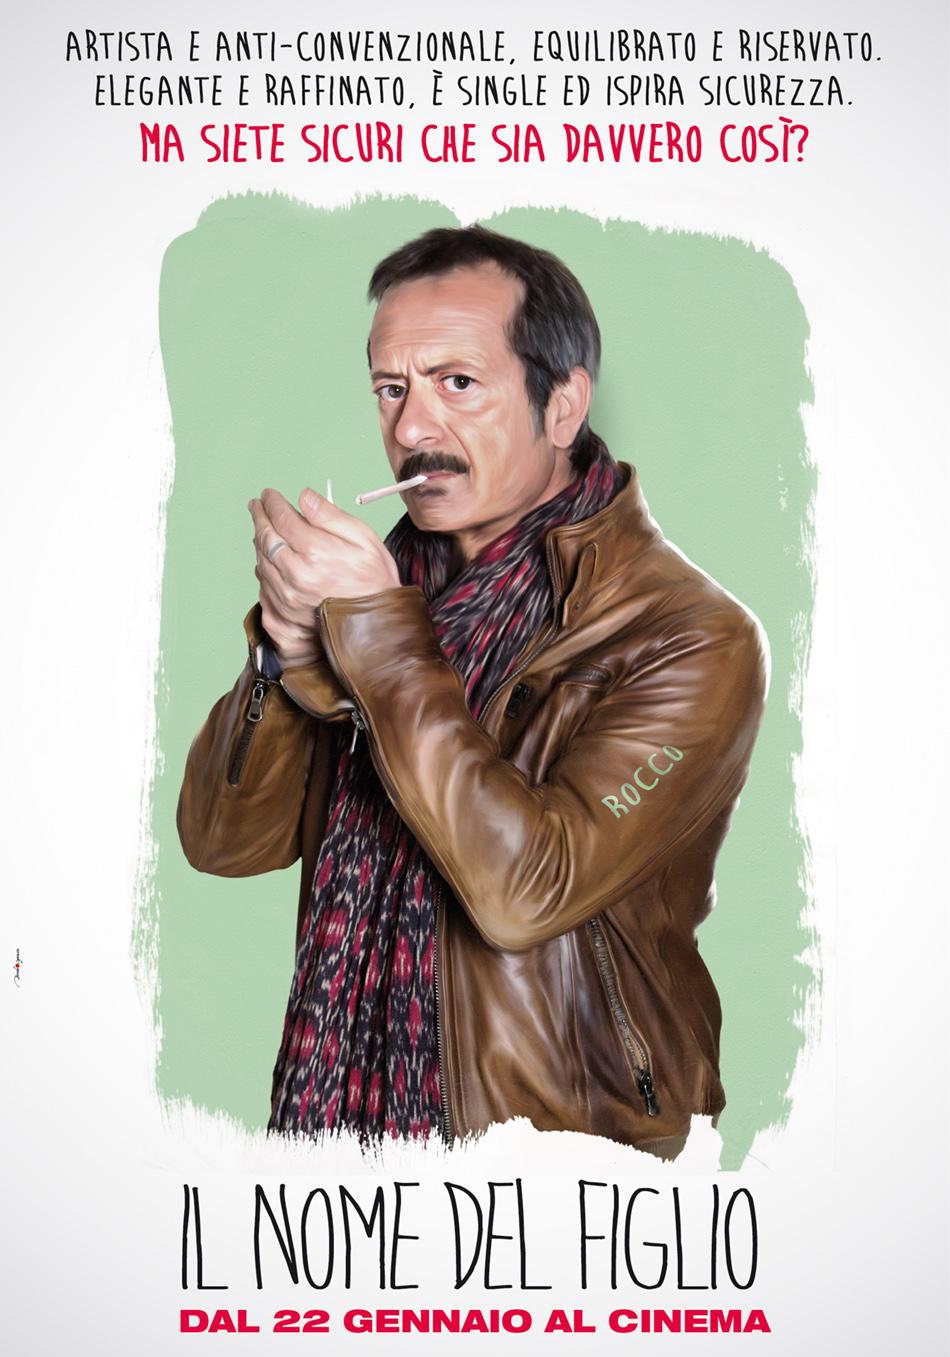 Il nome del figlio: il character poster dedicato a Rocco Papaleo